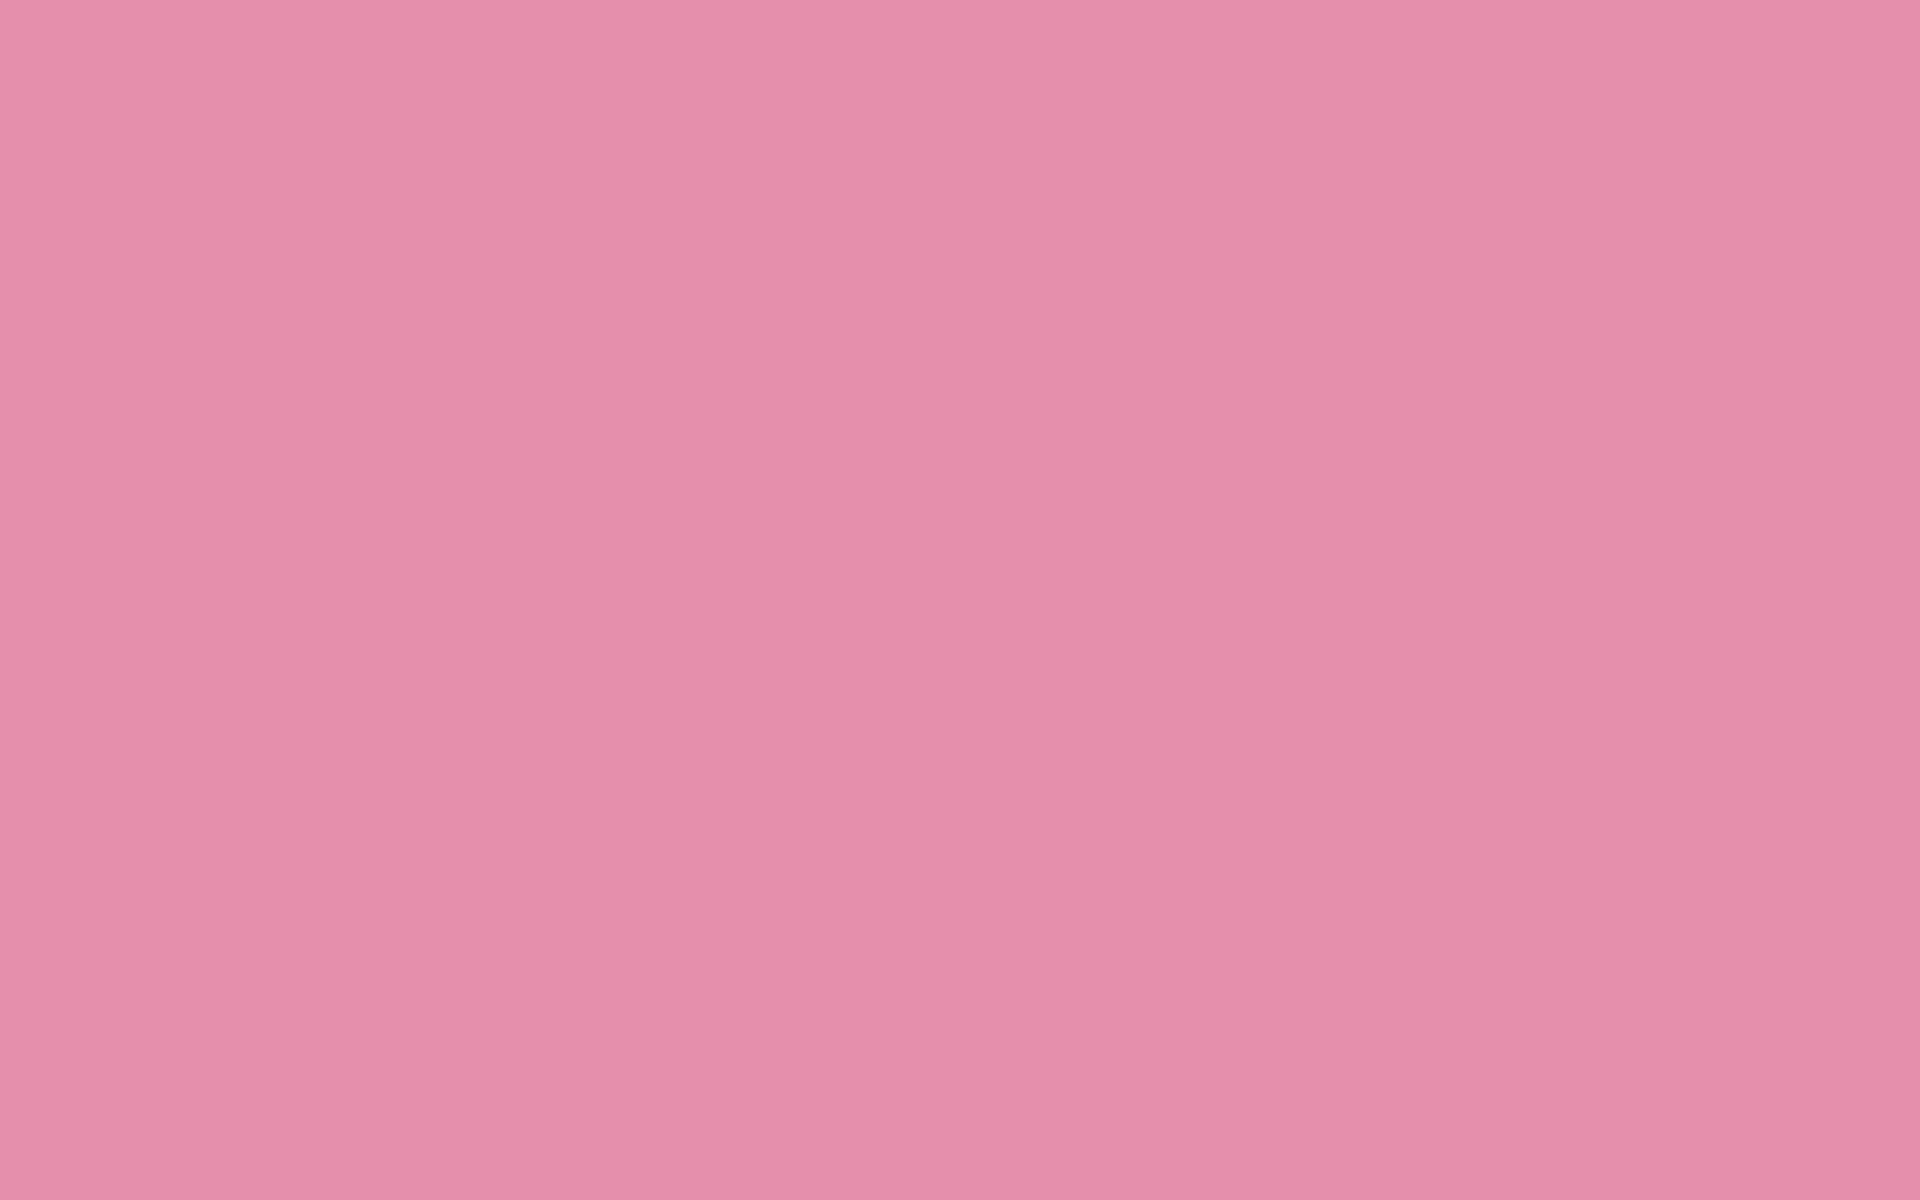 Background màu hồng đẹp